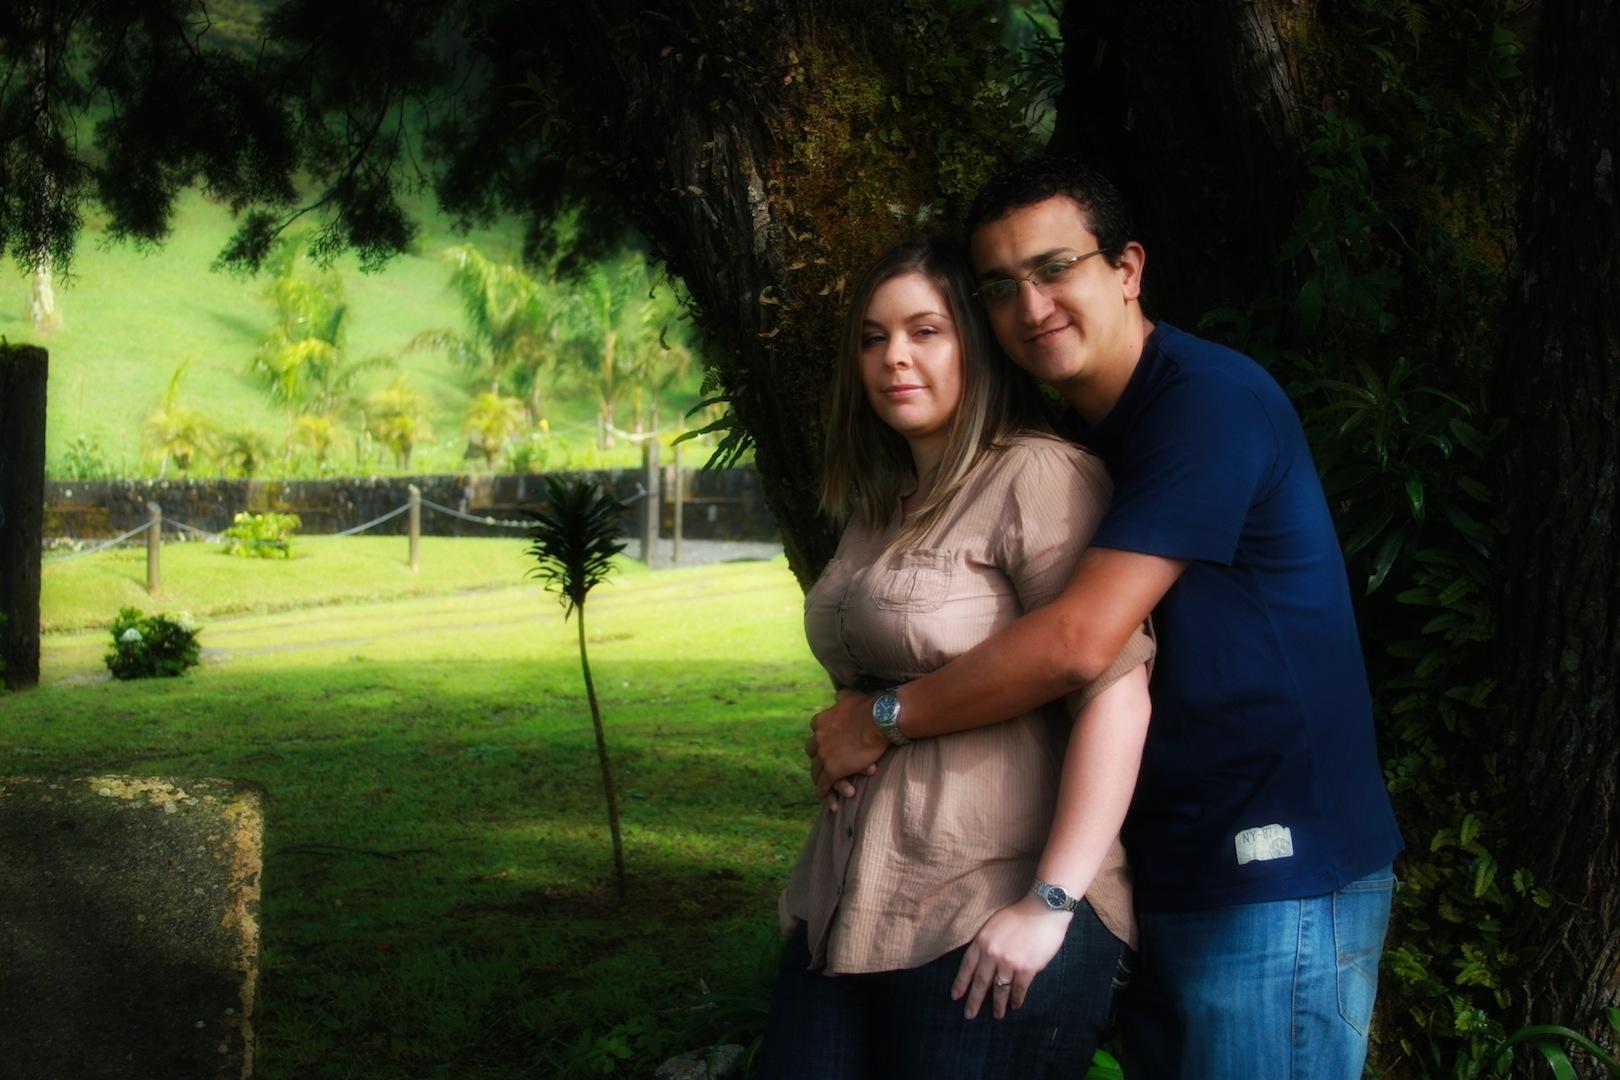 Fotografia Profesional  de Bodas en Costa Rica Rut Ben Yehuda.